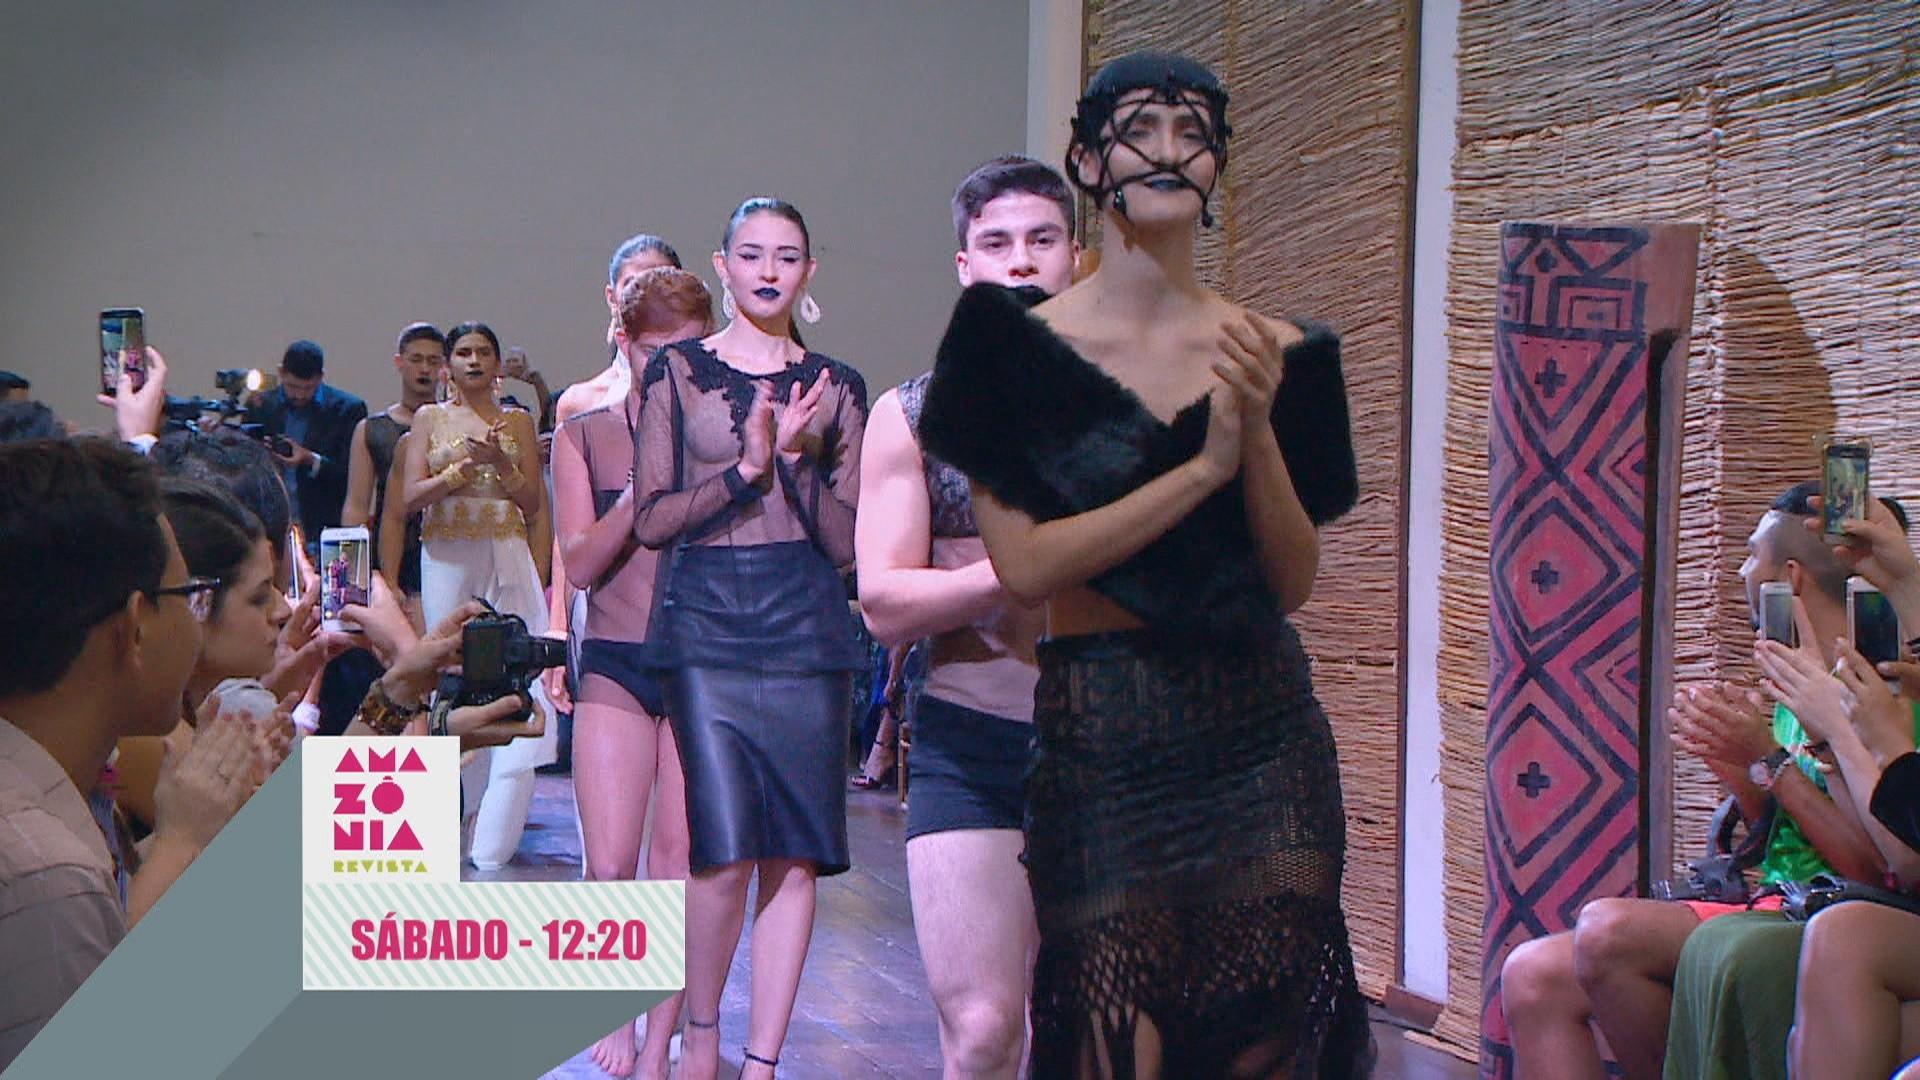 Desfile de moda é destaque no Revista deste sábado (19) (Foto: Reprodução/Rede Amazônica)